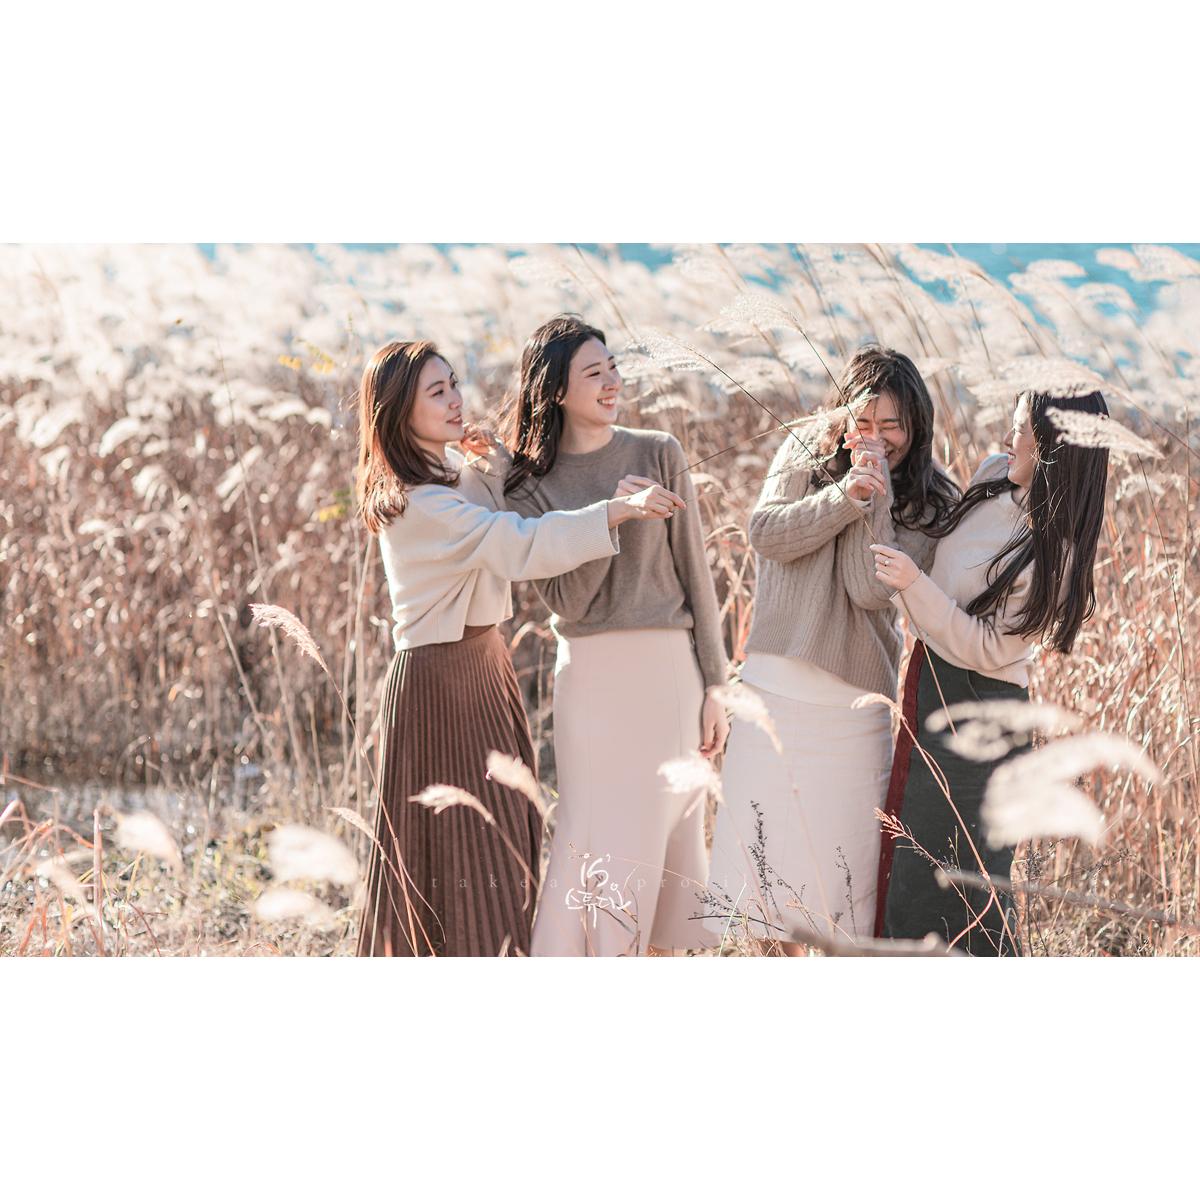 29살 그녀들의 우정촬영